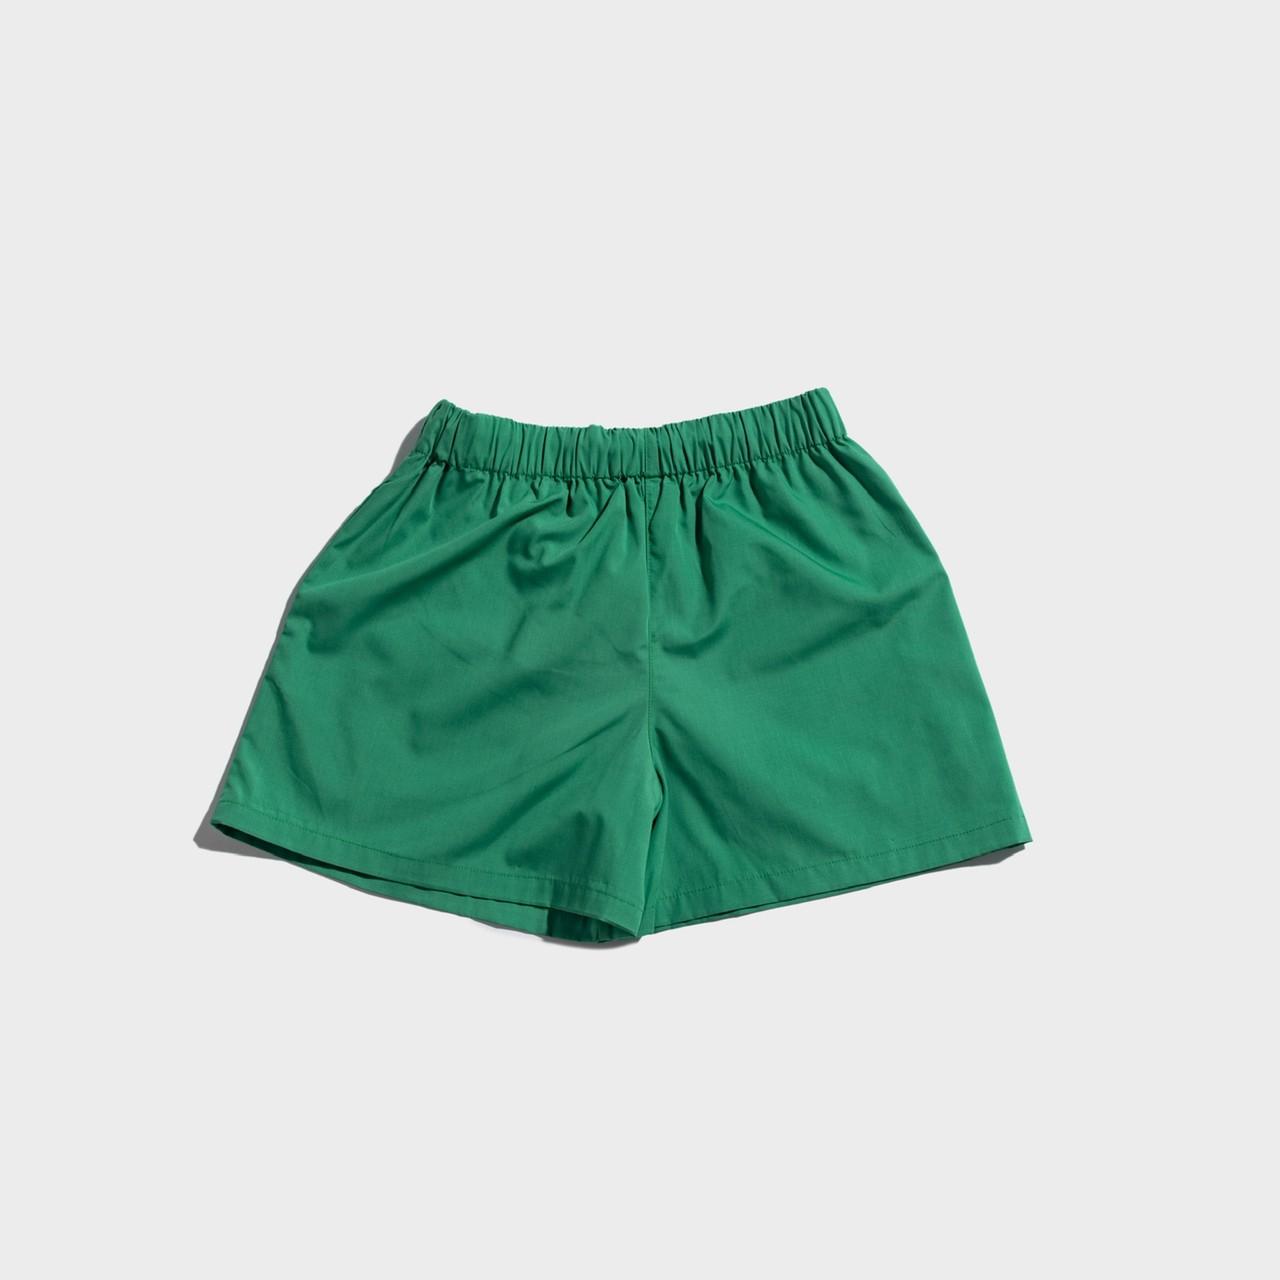 HOCKEY Shorts The Room Green